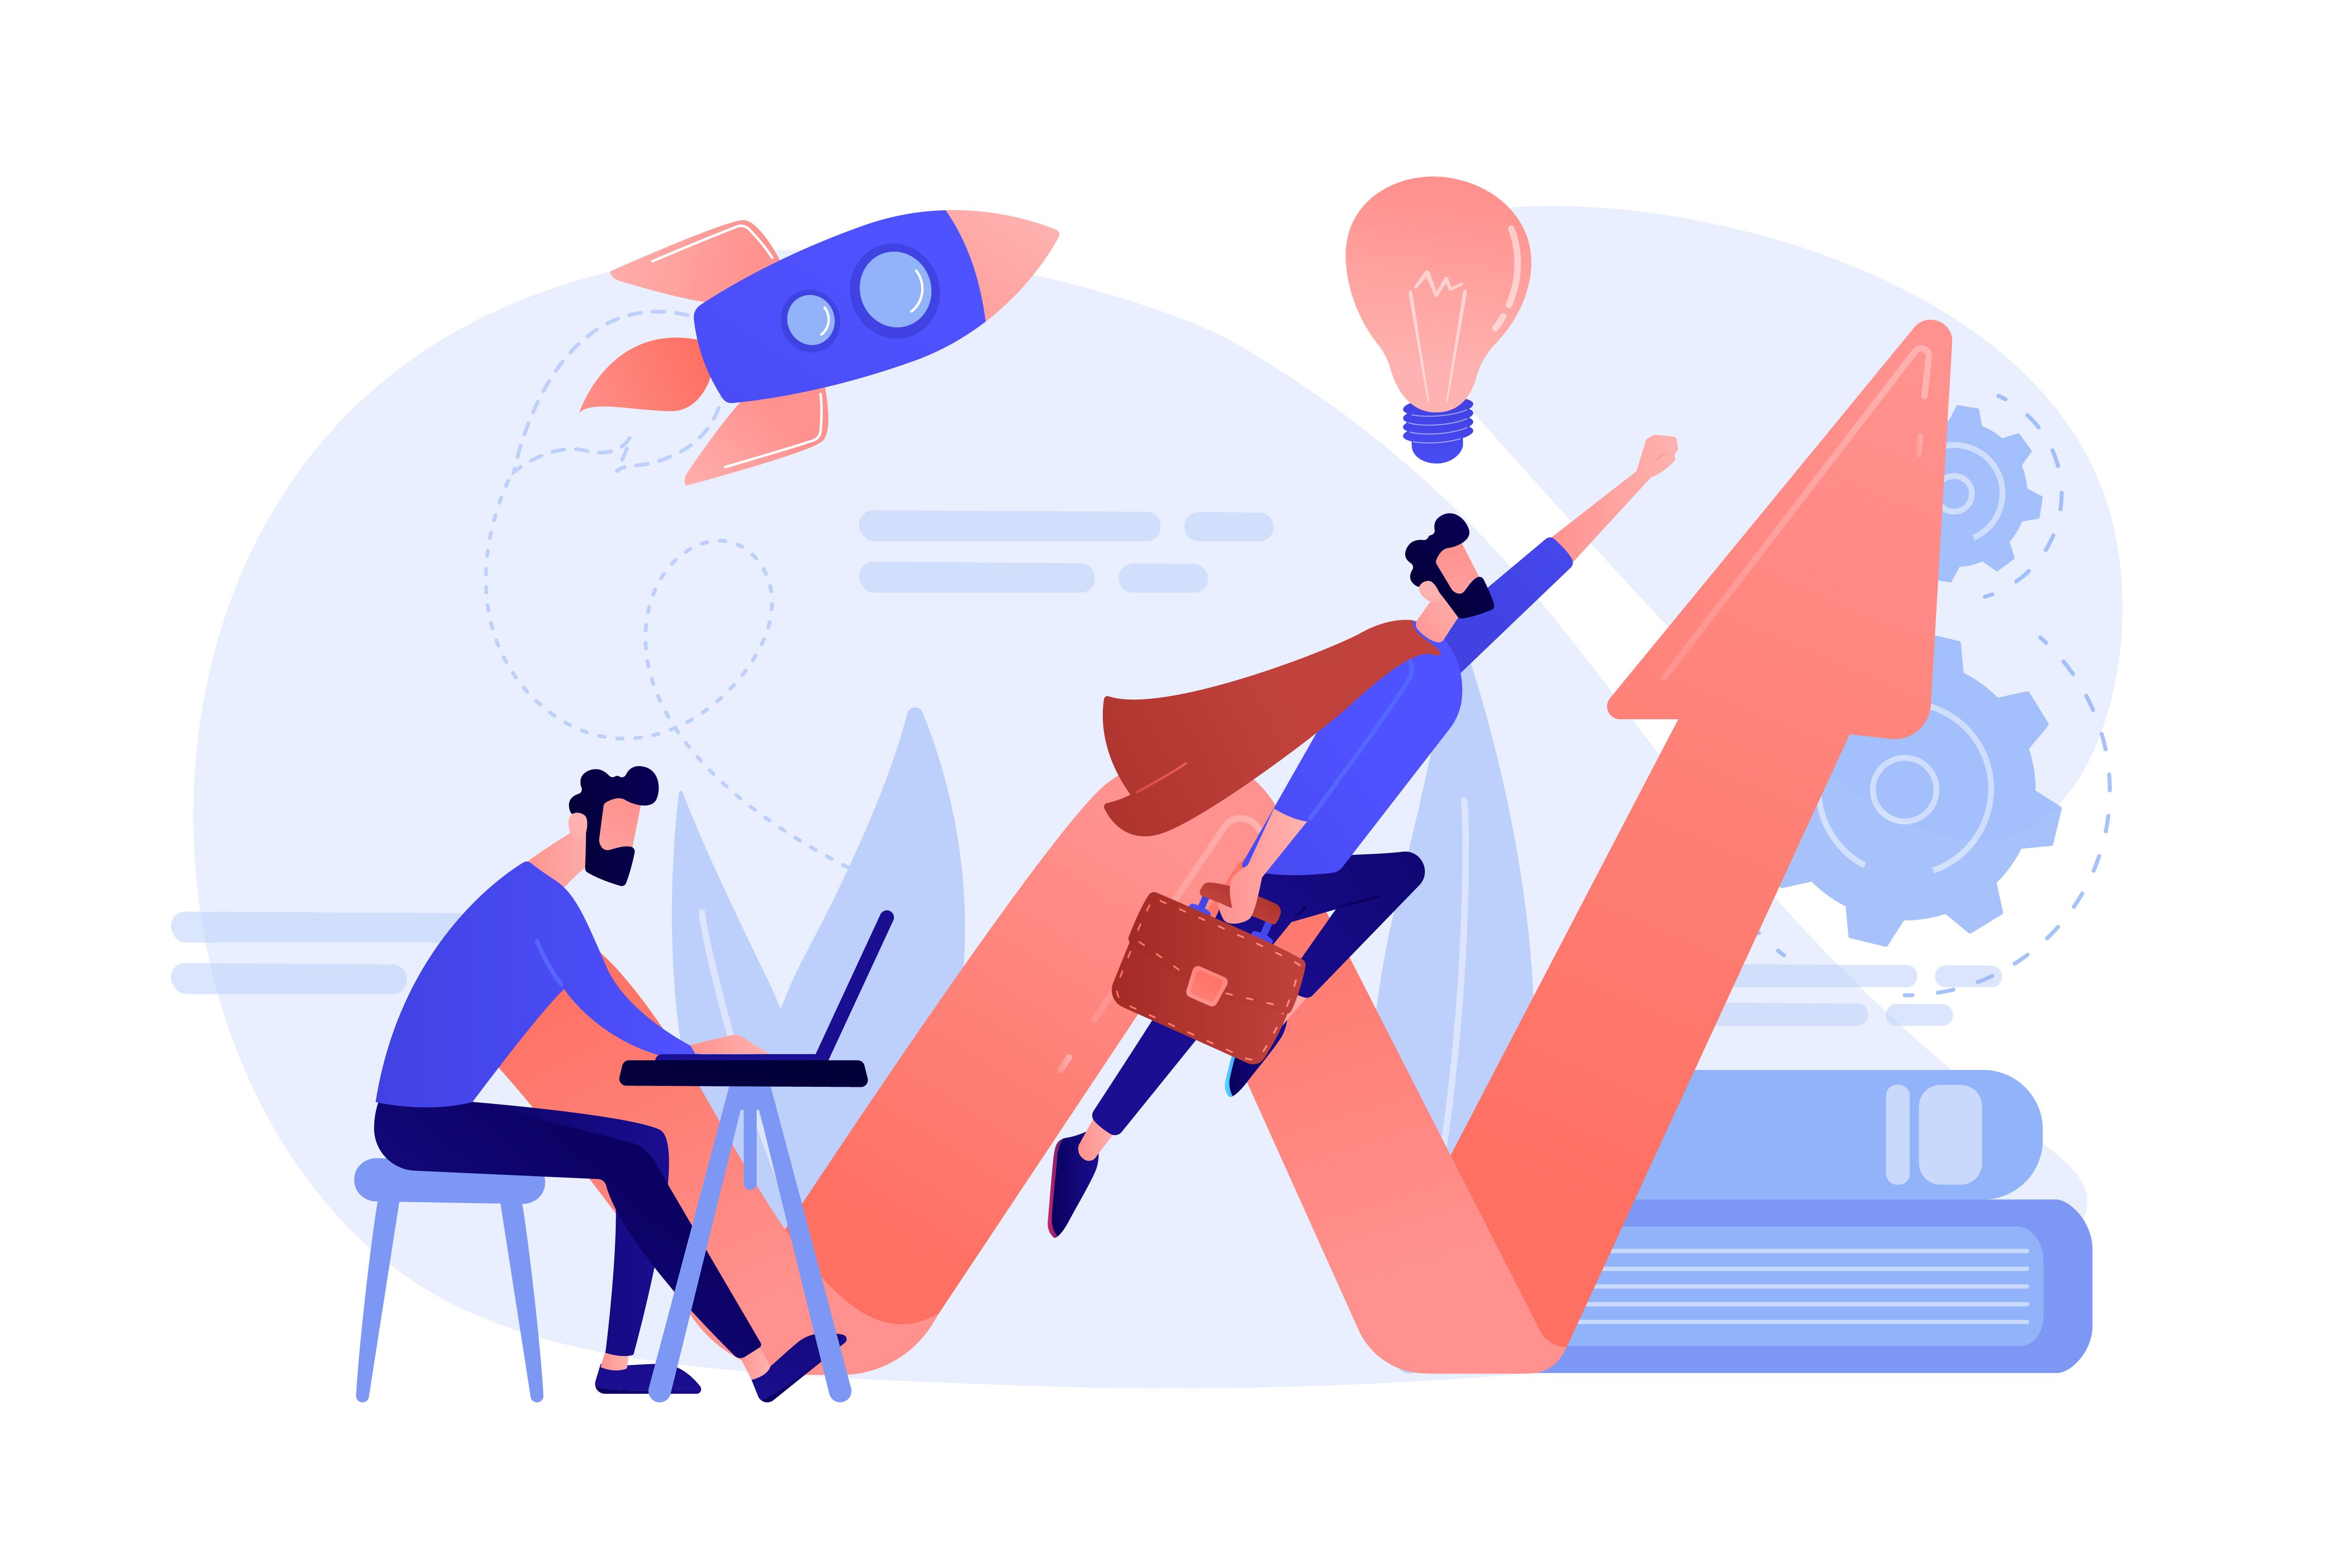 Motivationstiefs überwinden als Agentur-Inhaber, Webdesigner oder Freelancer